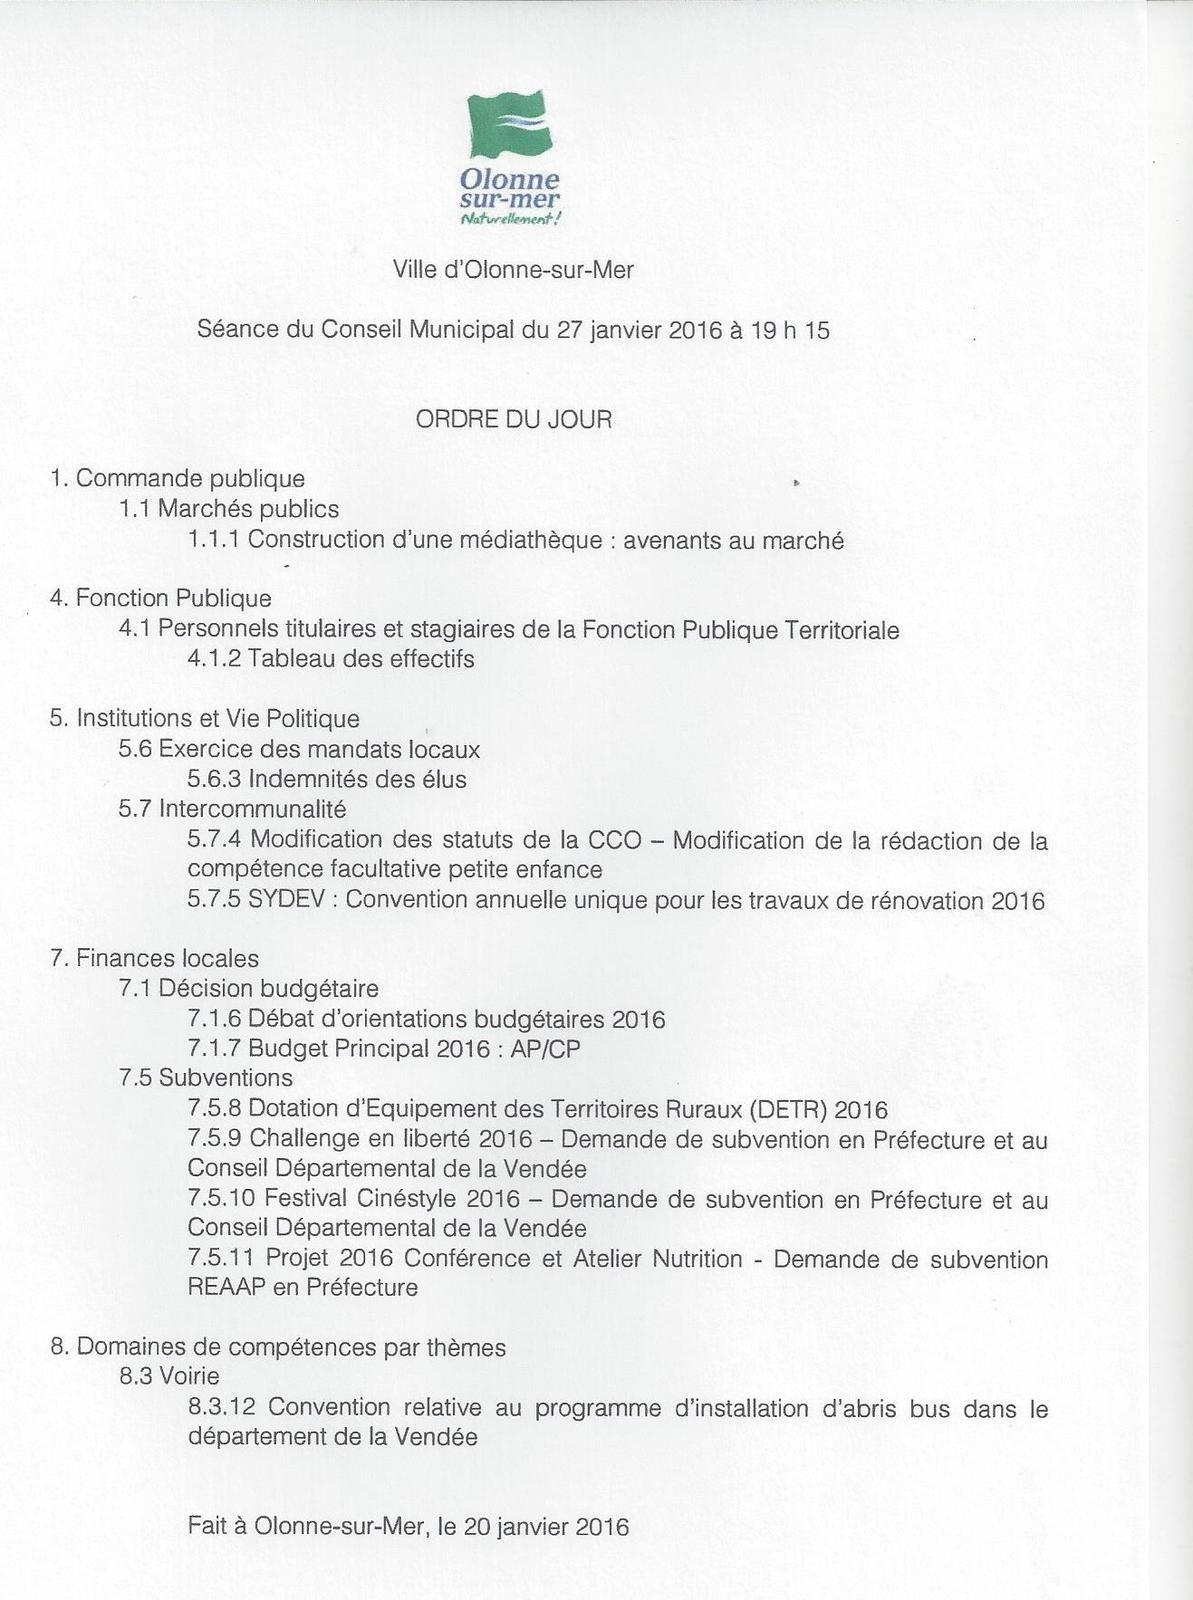 OLONNE-SUR-MER : conseil municipal du mercredi 27 janvier 2016